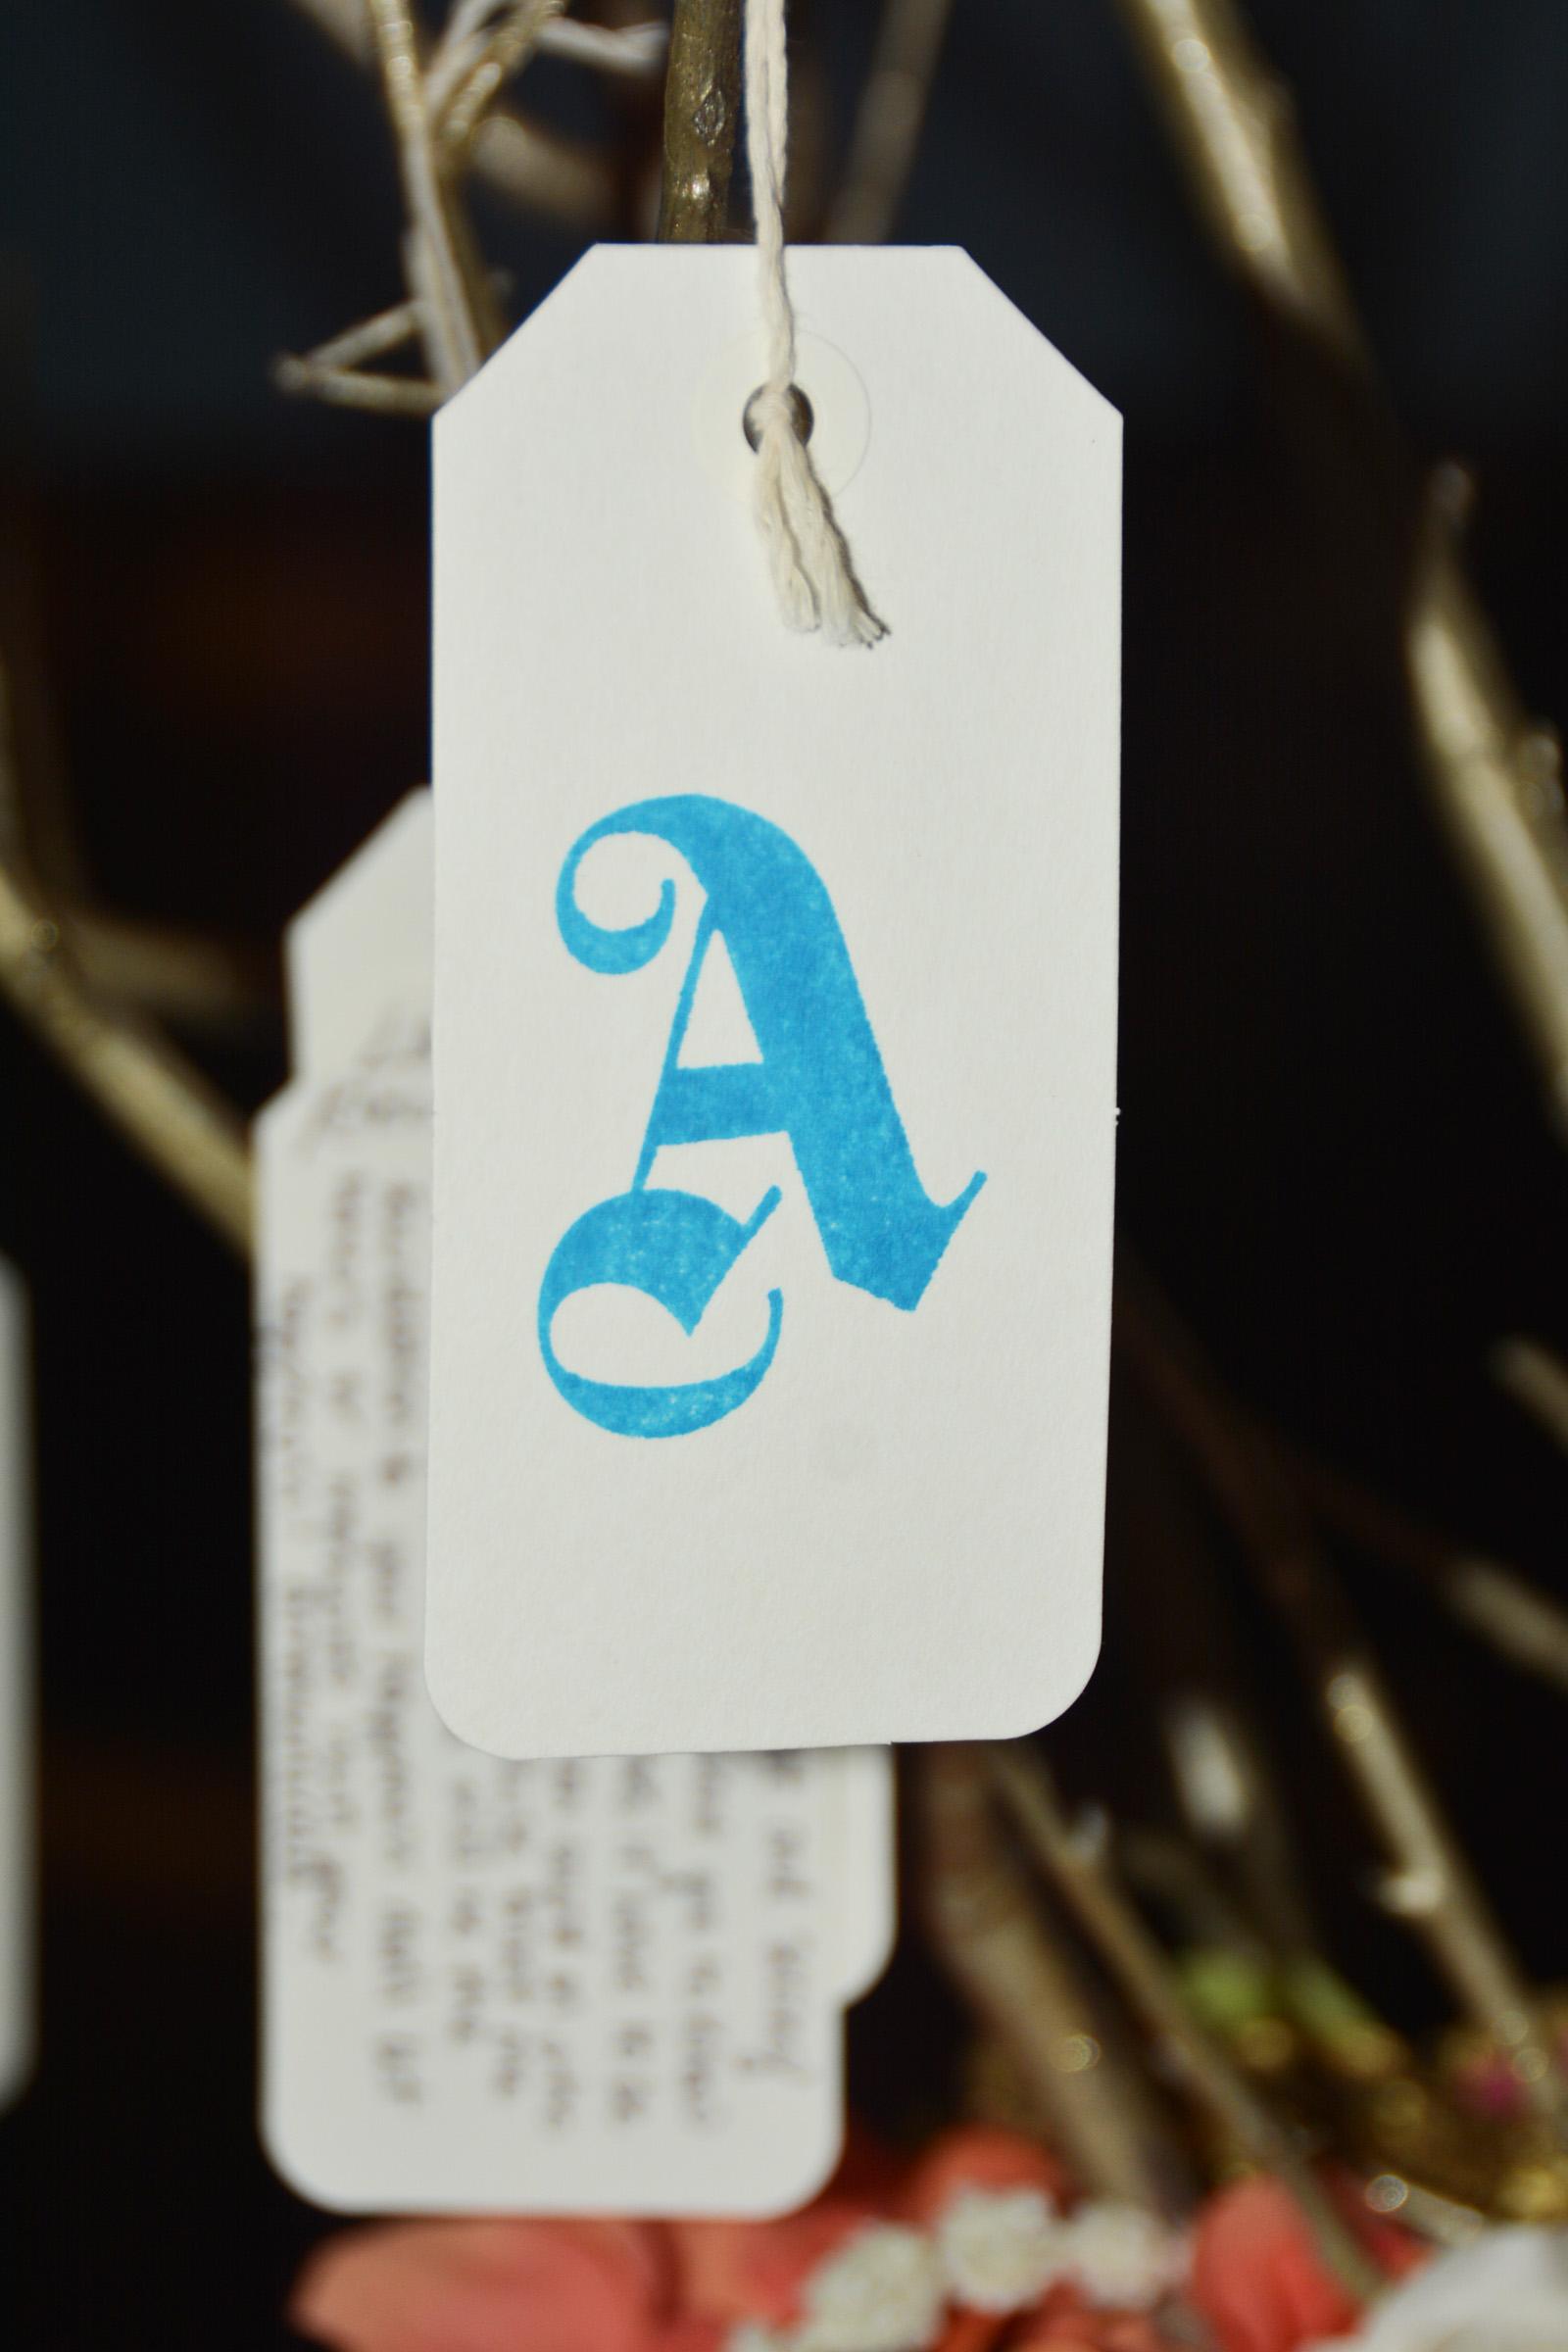 A tags